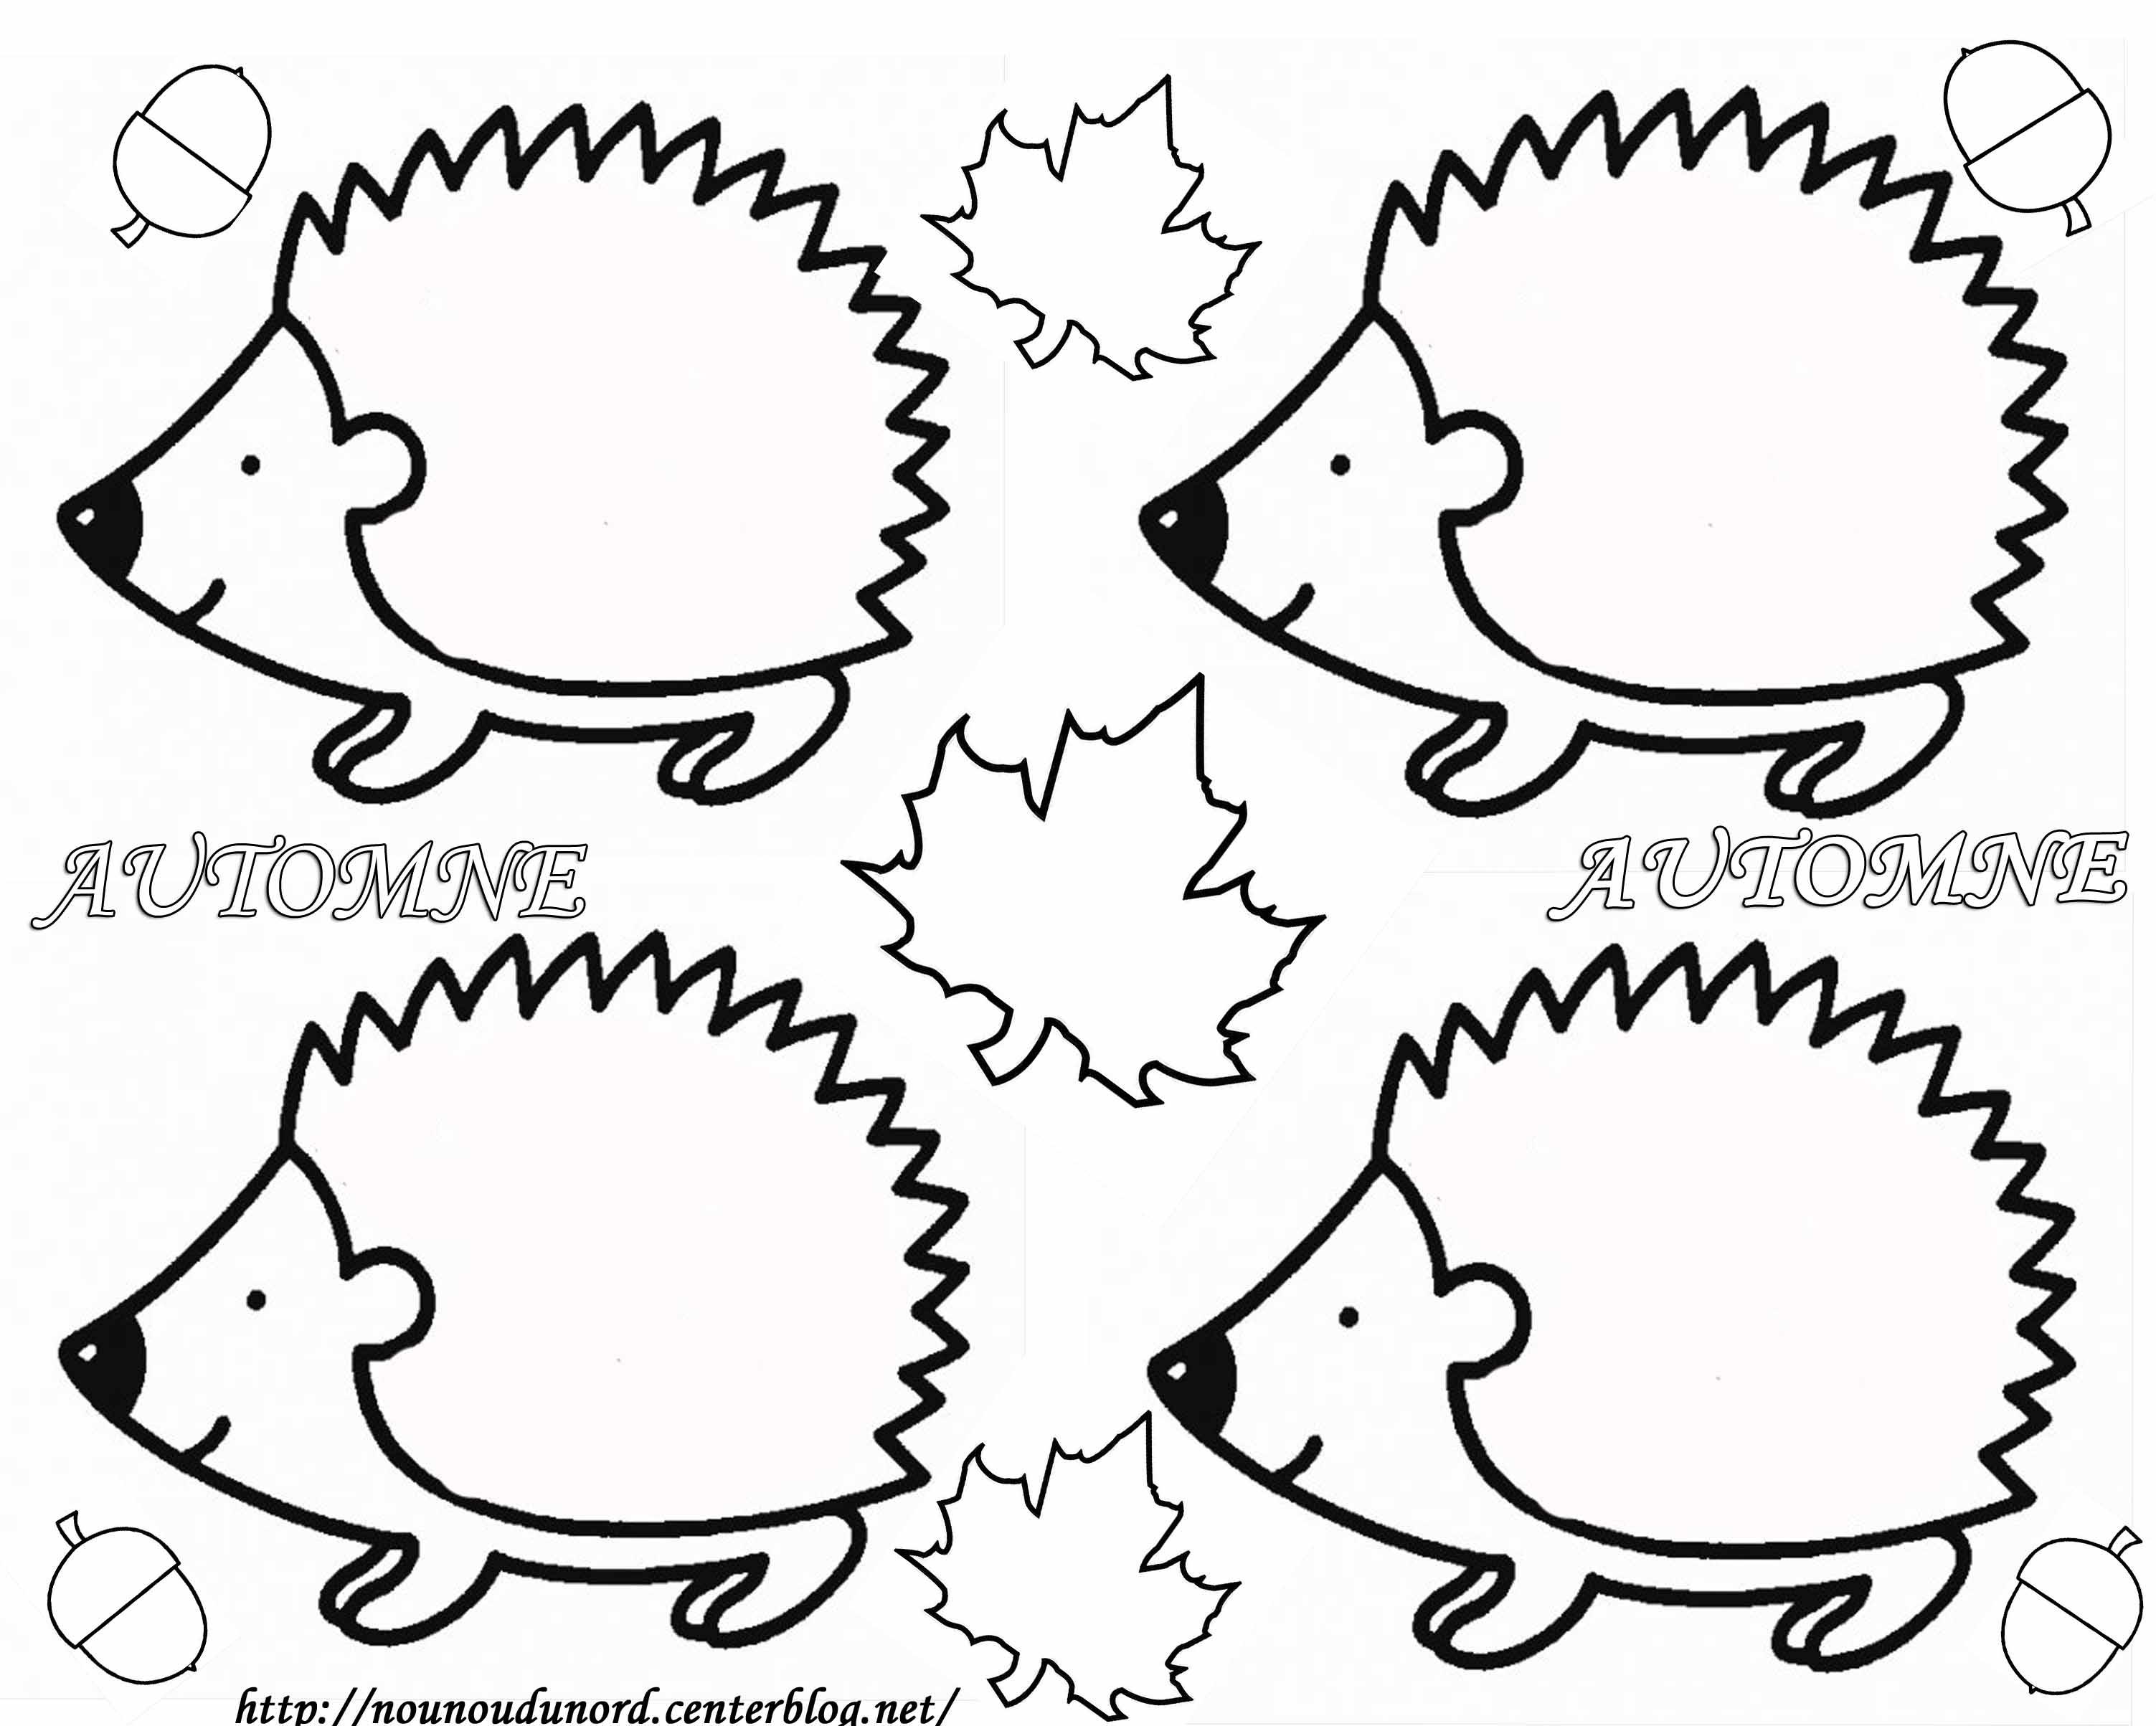 91 dessins de coloriage automne cp imprimer - Coloriages automne ...